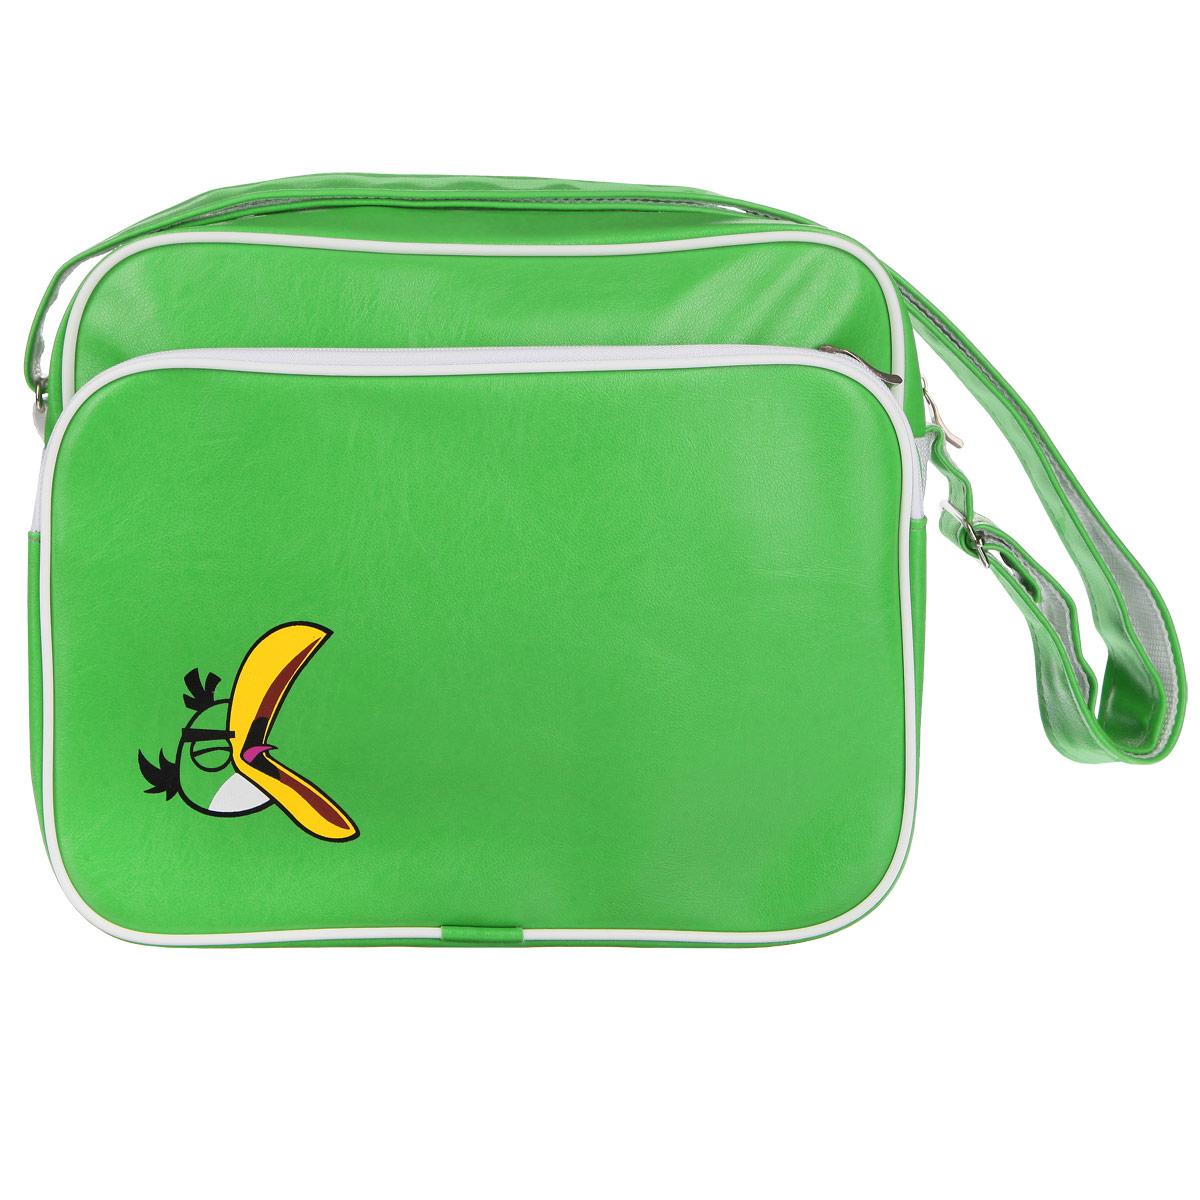 Сумка Angry Birds Зеленая птица, цвет: зеленый. 8481484814Молодежная сумка Angry Birds Зеленая птица сочетает в себе современный дизайн, функциональность и долговечность. Она выполнена из искусственной кожи и оформлена изображением одного из героев знаменитой игры Angry Birds - зеленой птицы. Сумка имеет одно вместительное отделение, разделенное пополам карманом-средником на молнии. Закрывается сумка на застежку-молнию. С внешней стороны расположен вместительный накладной карман на молнии, внутри которого - накладной карман и четыре держателя для авторучек. С задней стороны сумки находится вшитый карман на молнии. Сумка оснащена плечевым ремнем регулируемой длины, максимальная длина - 128 см, минимальная - 48 см. С внешней стороны ремень изготовлен из искусственной кожи, с внутренней - из плотного полиэстера.